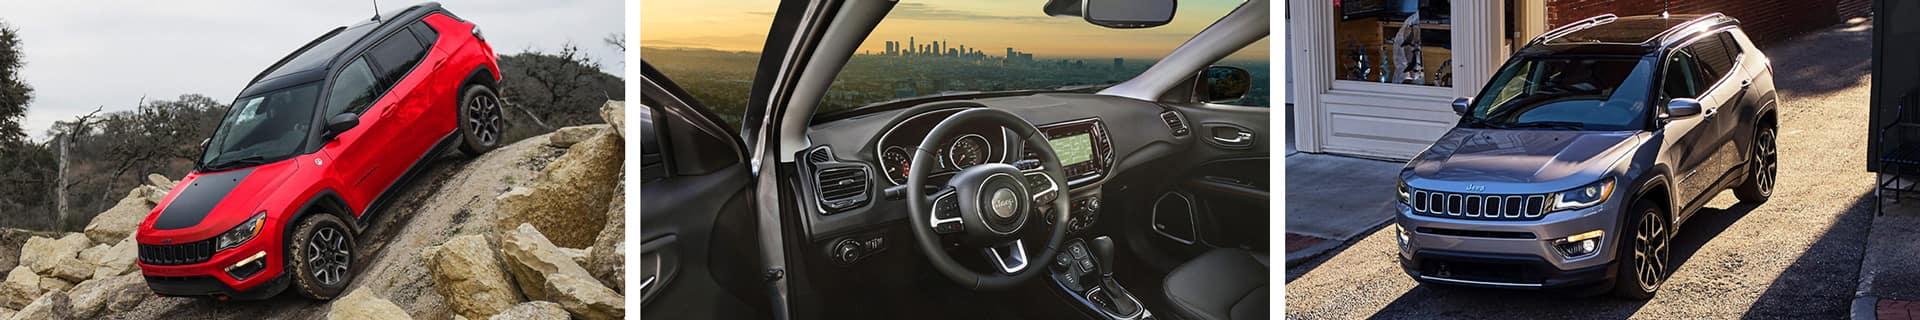 2021 Jeep Compass For Sale Delray Beach FL | Boca Raton